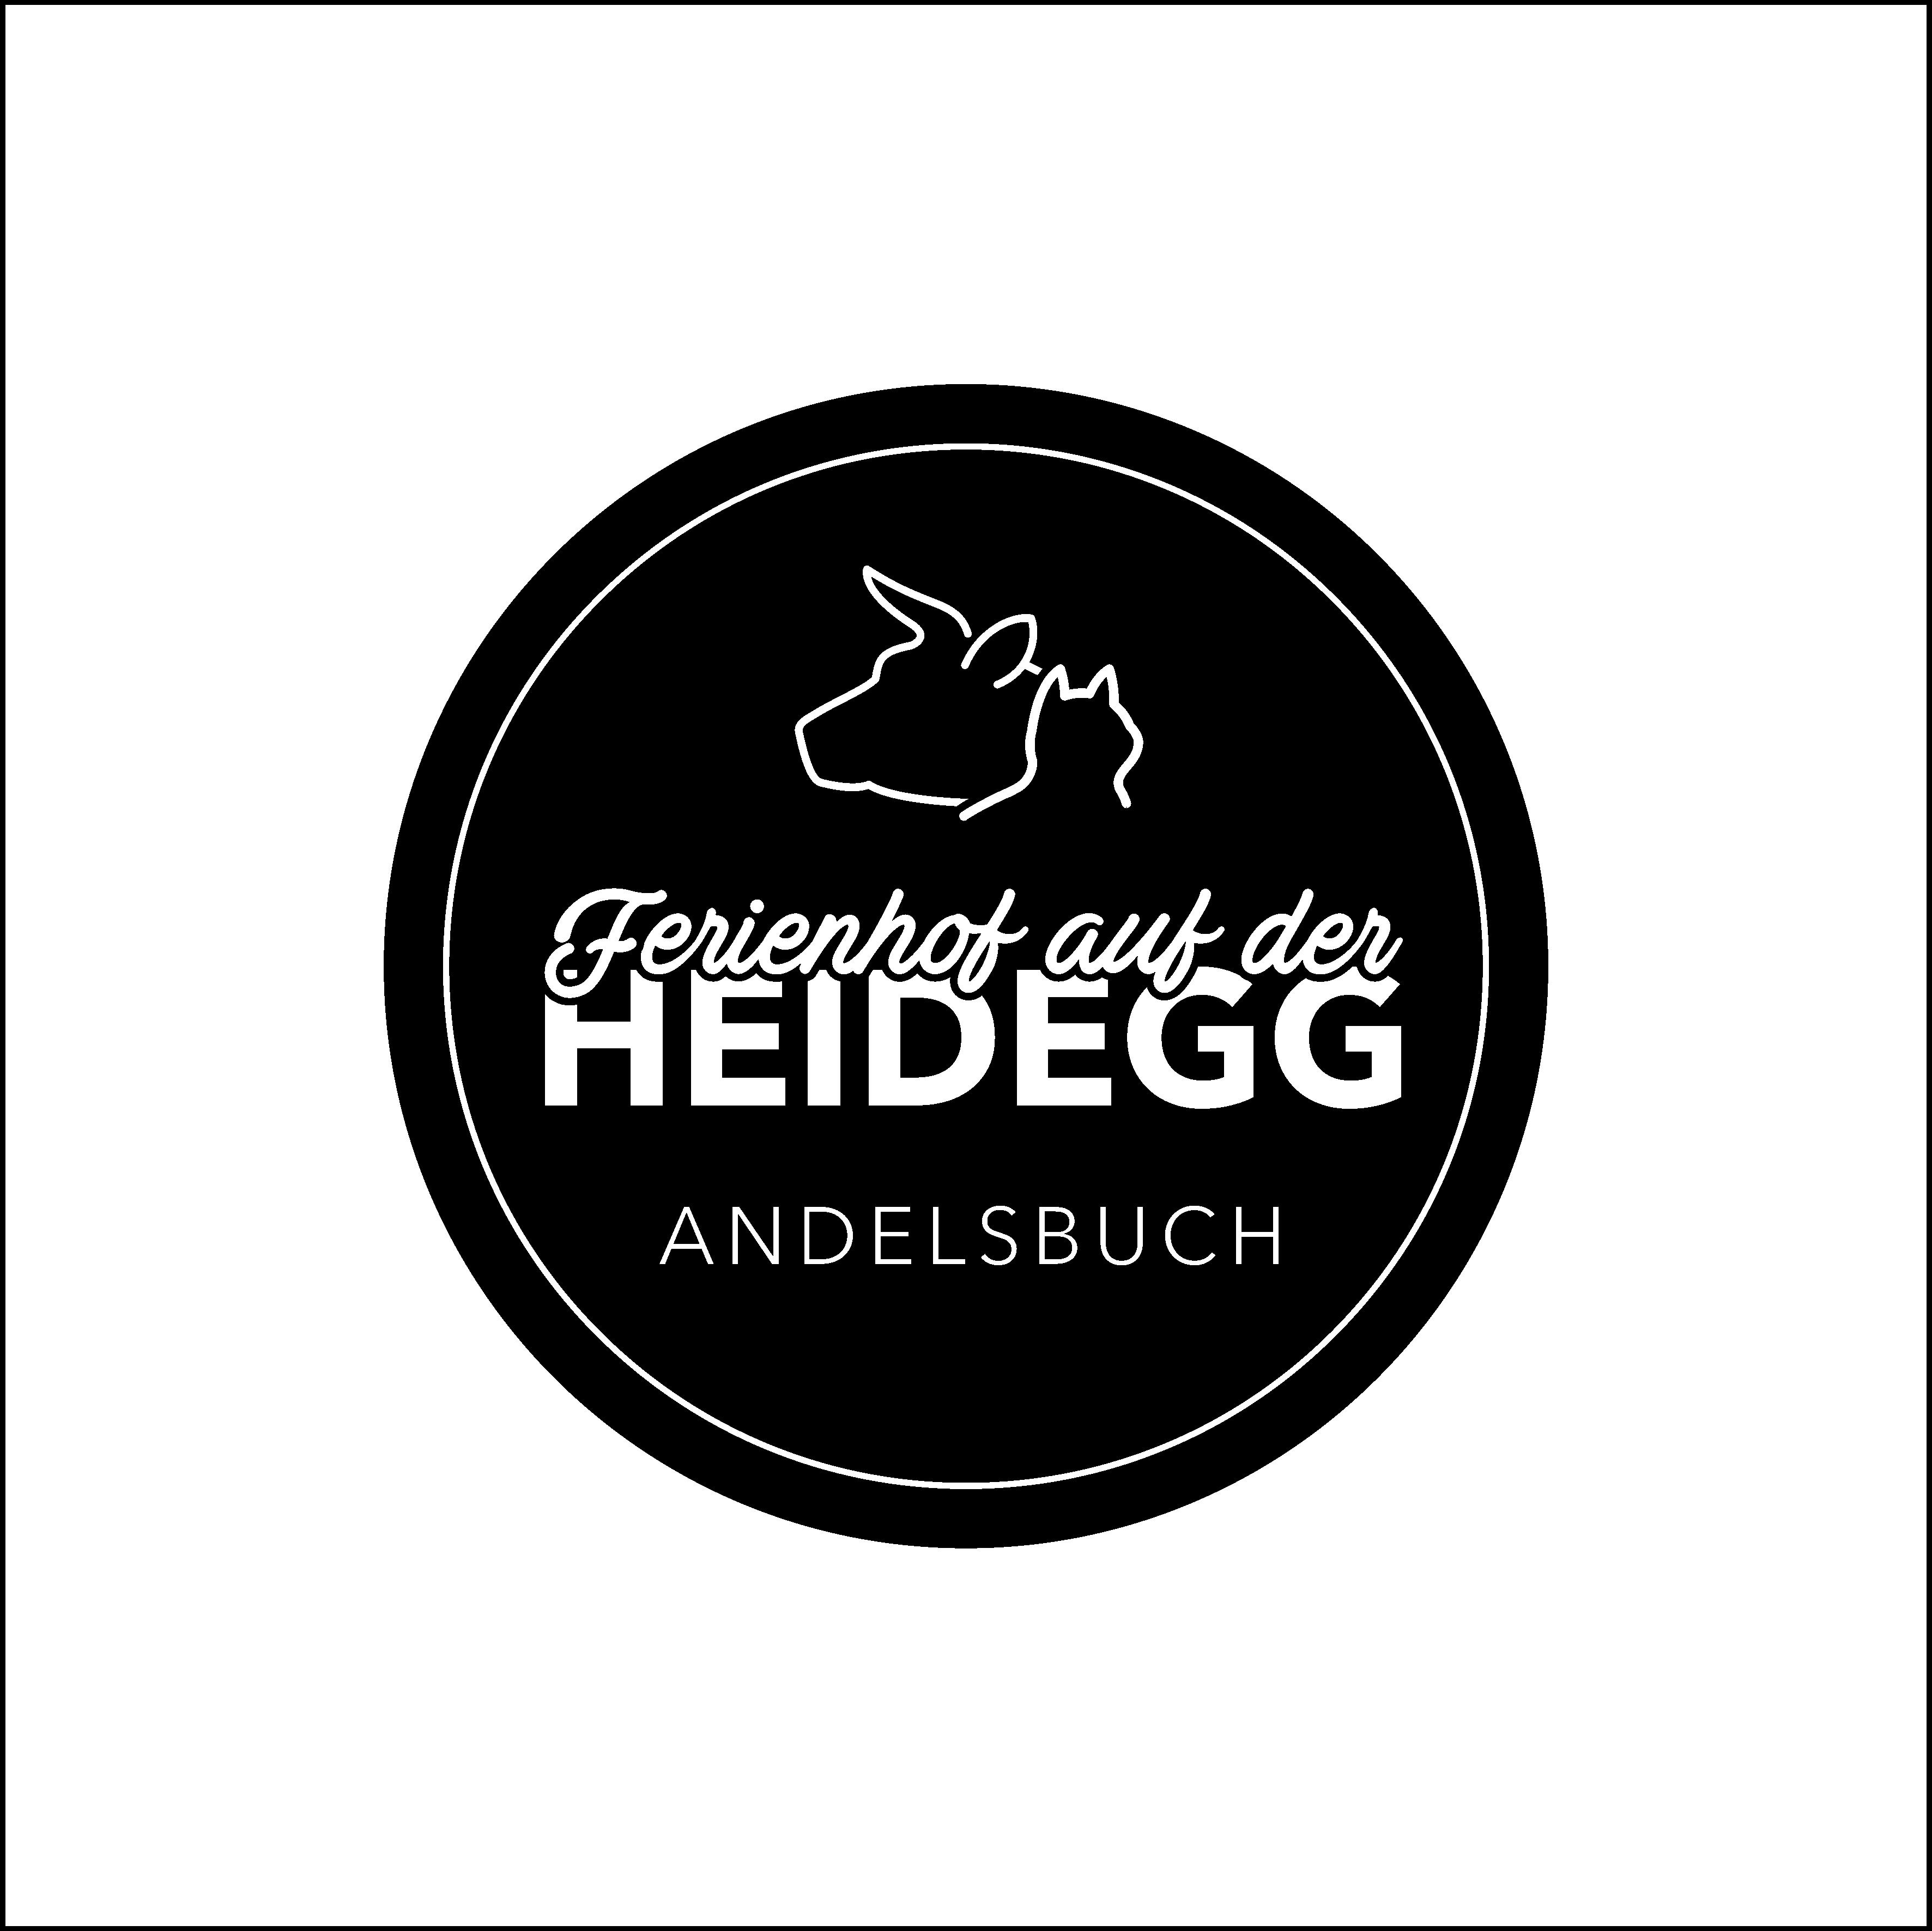 ferienhof heidegg andelsbuch logo atelyay